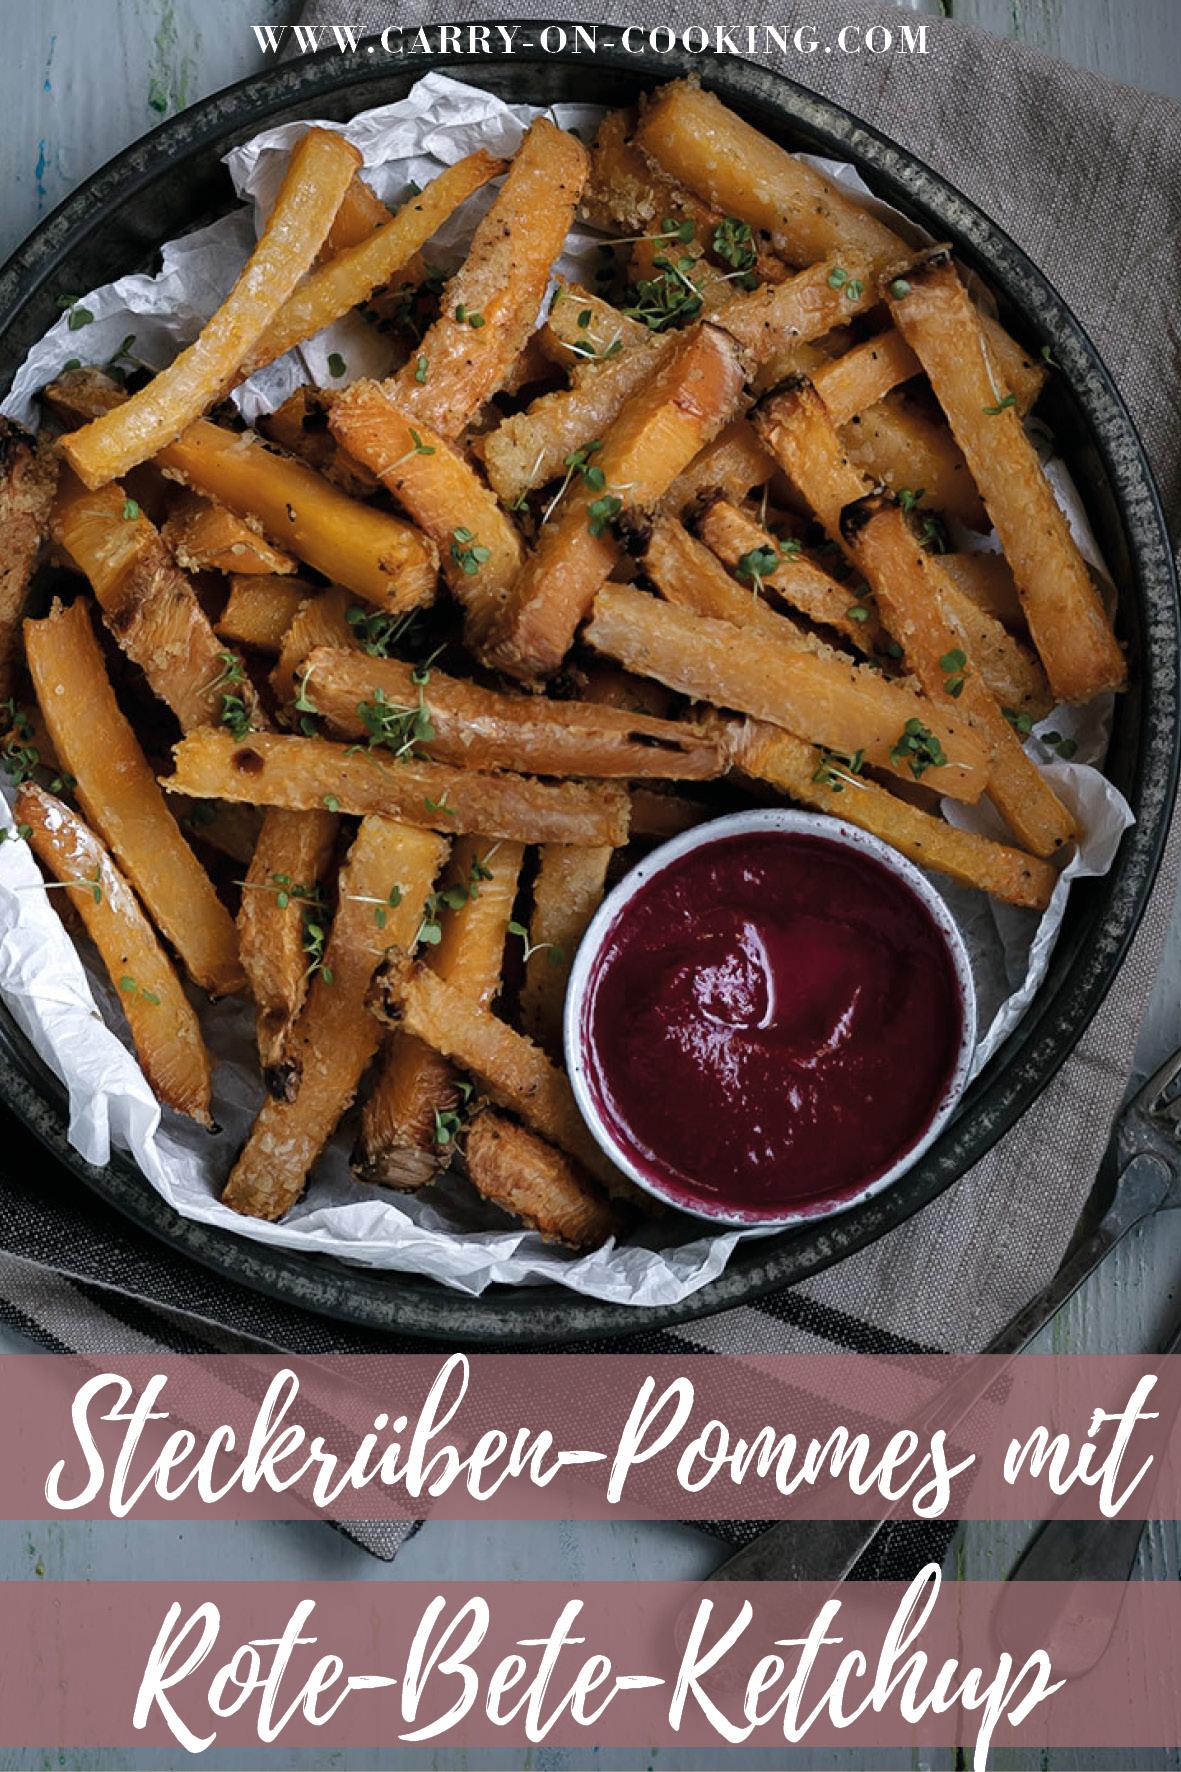 Gleich auf deine Pinterest-Pinwand pinnen: Rezept für Steckrüben-Pommes mit Rote-Bete-Ketchup